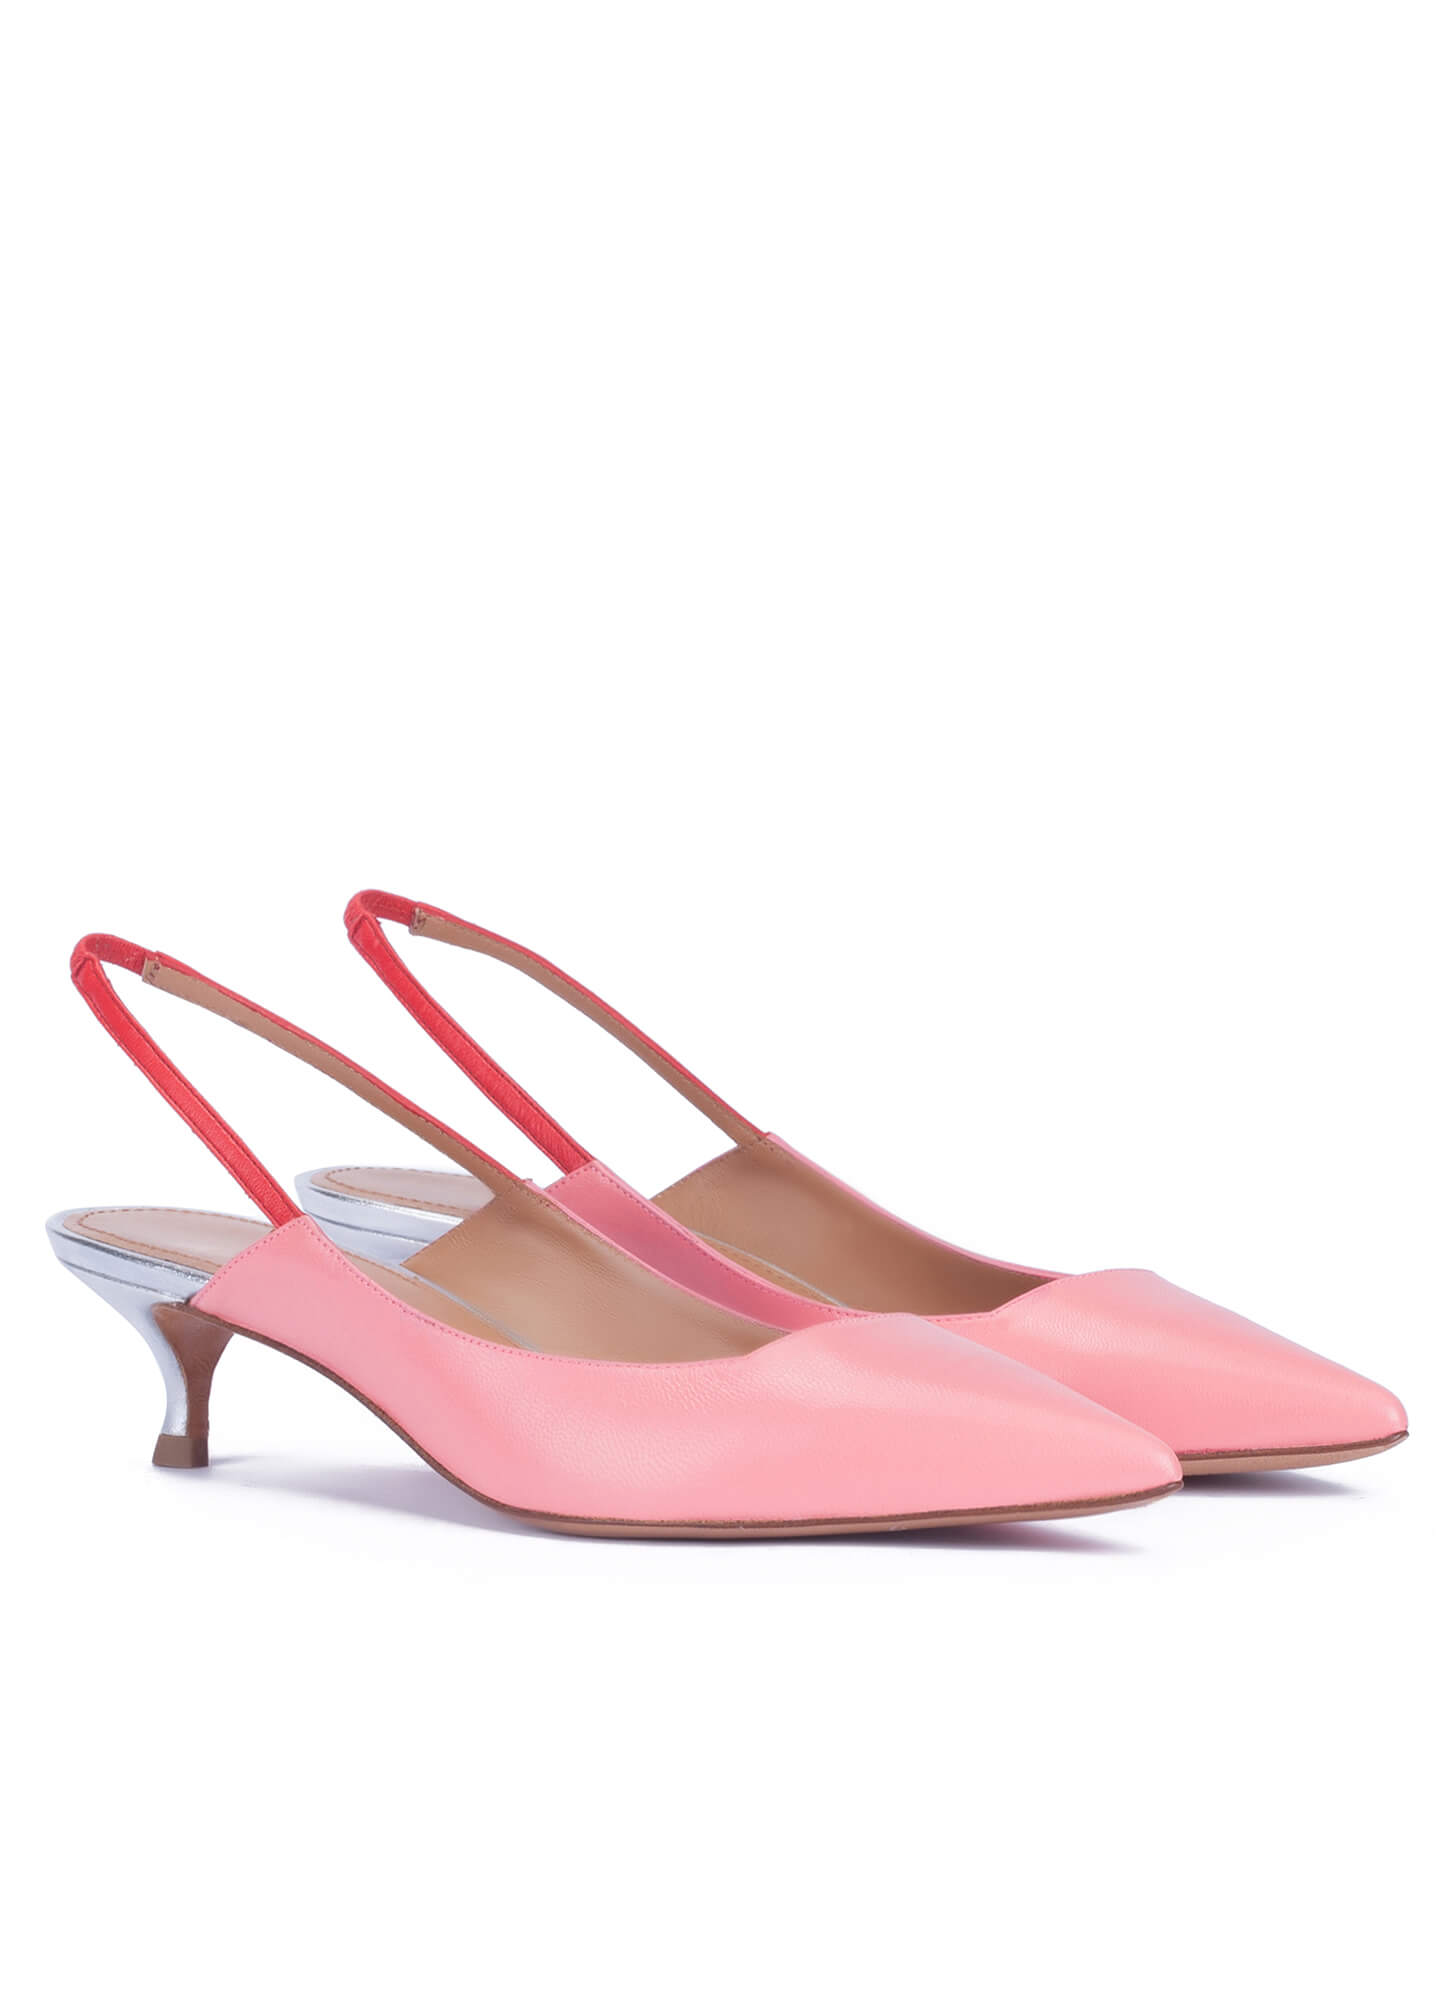 Destalonados Zapatos Destalonados Tacon Medio Zapatos Medio Tacon OPkilZXuTw